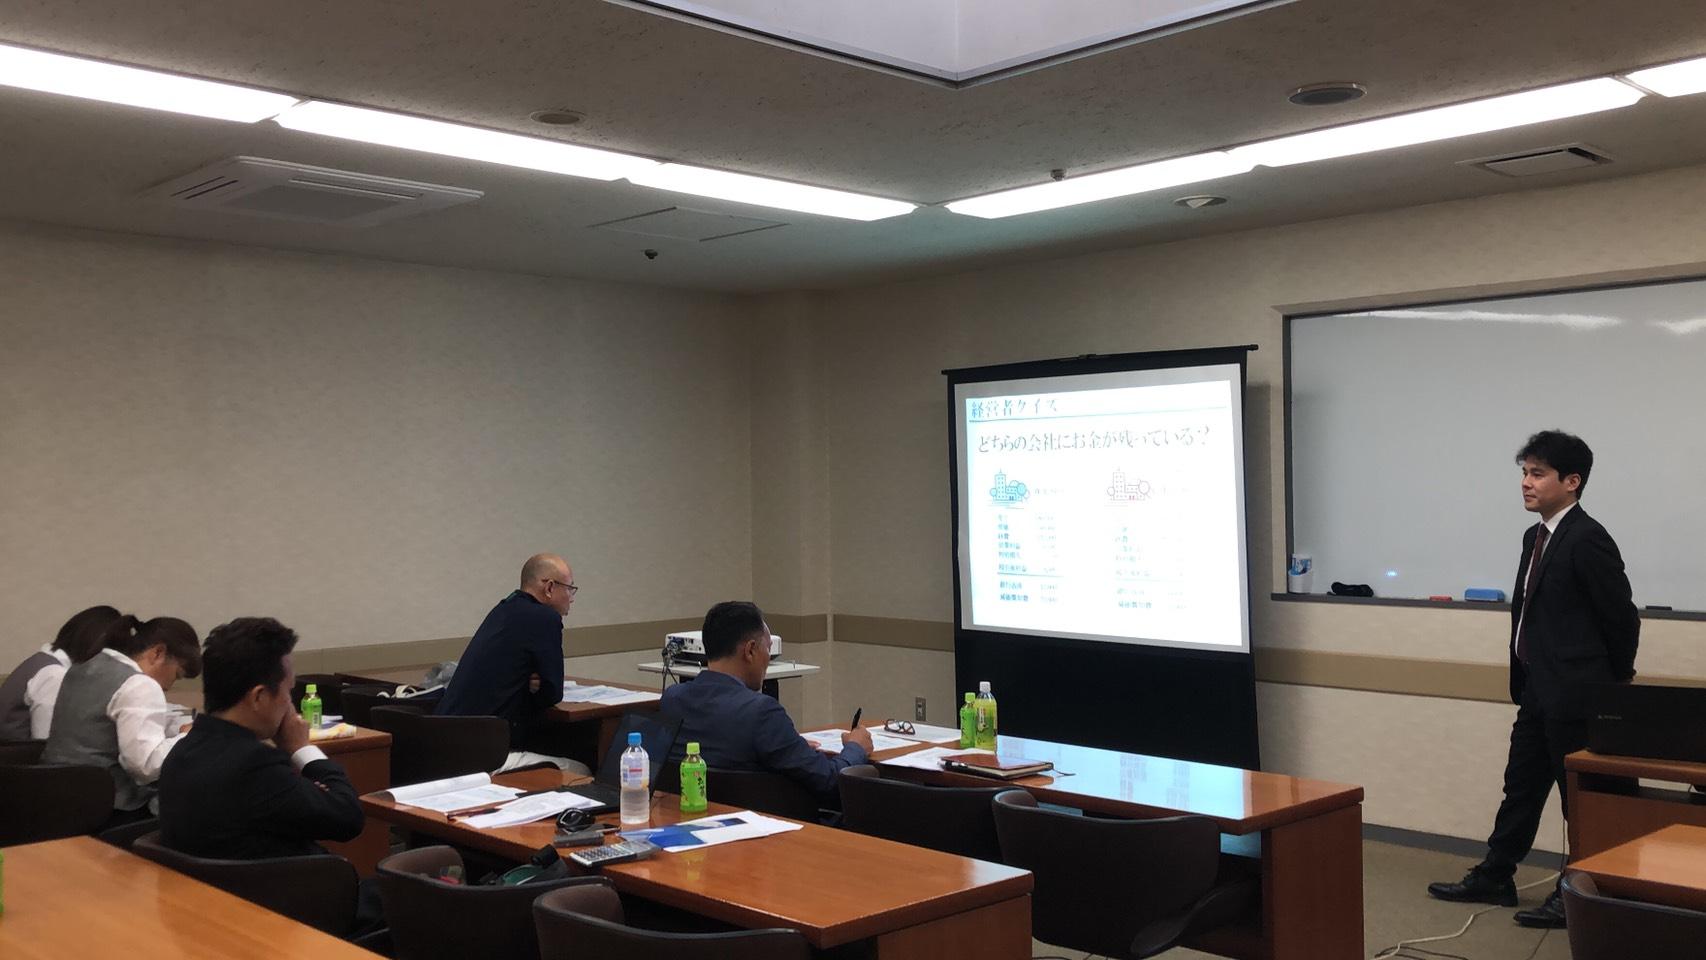 【茨城県産業会館】経営者向け財務セミナー終了